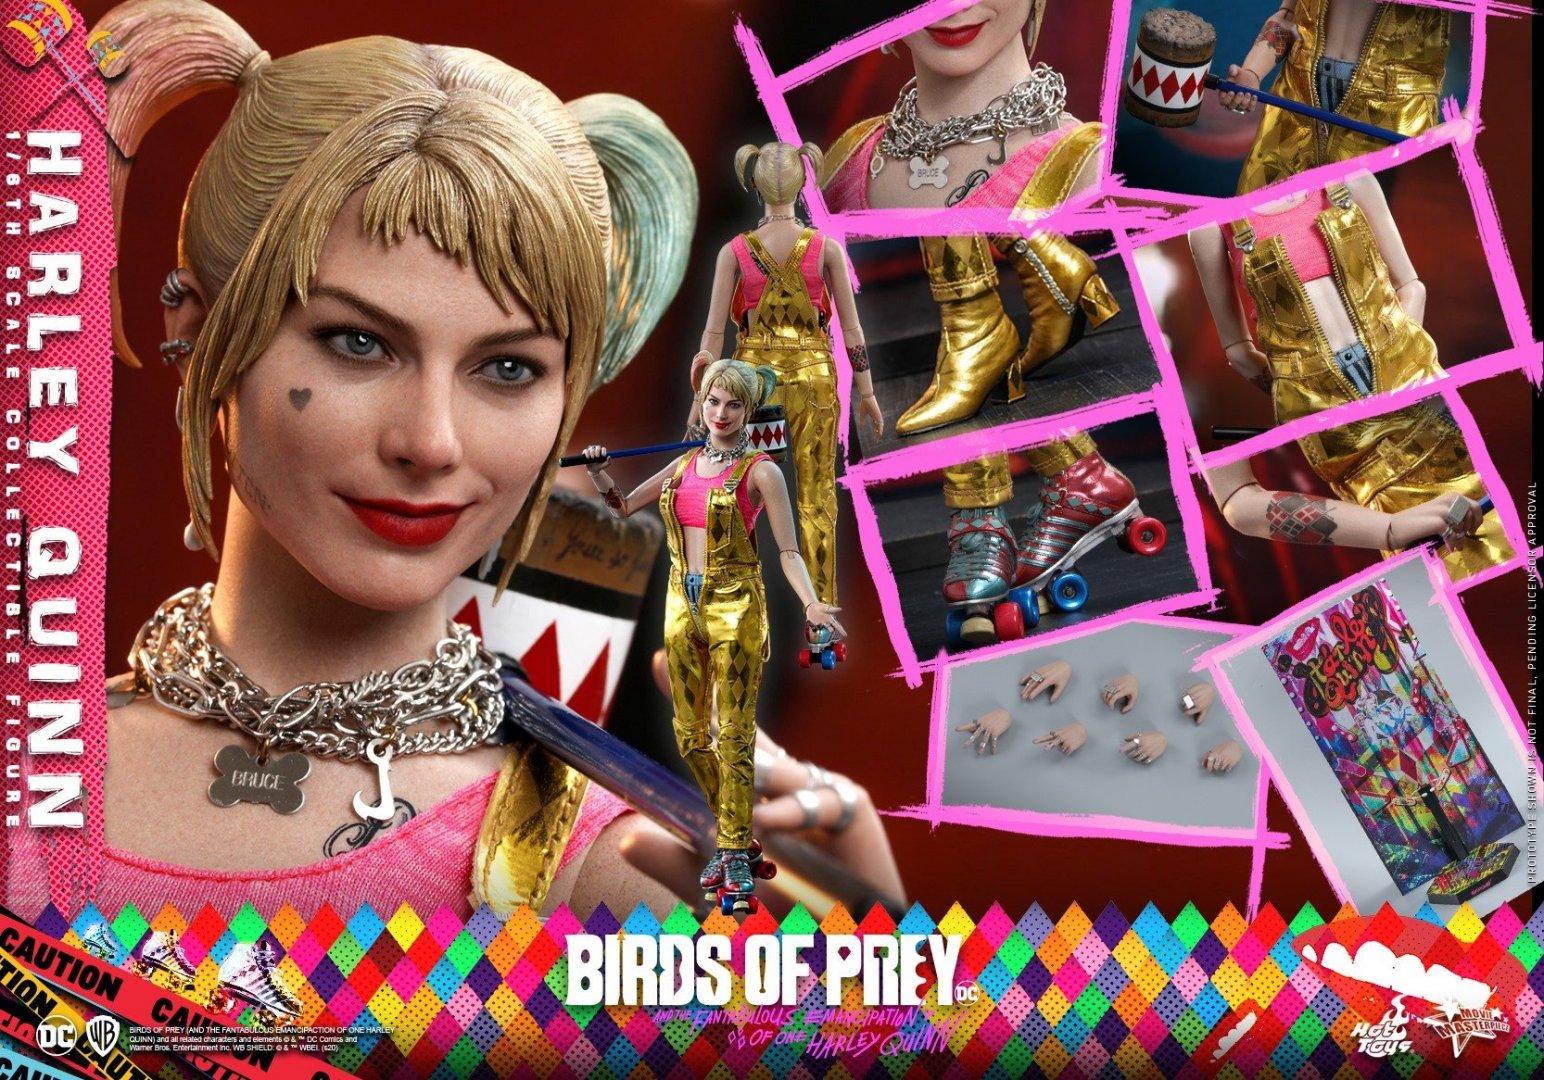 Hot-Toys-Birds-of-Prey-Harley-Quinn-018.jpg